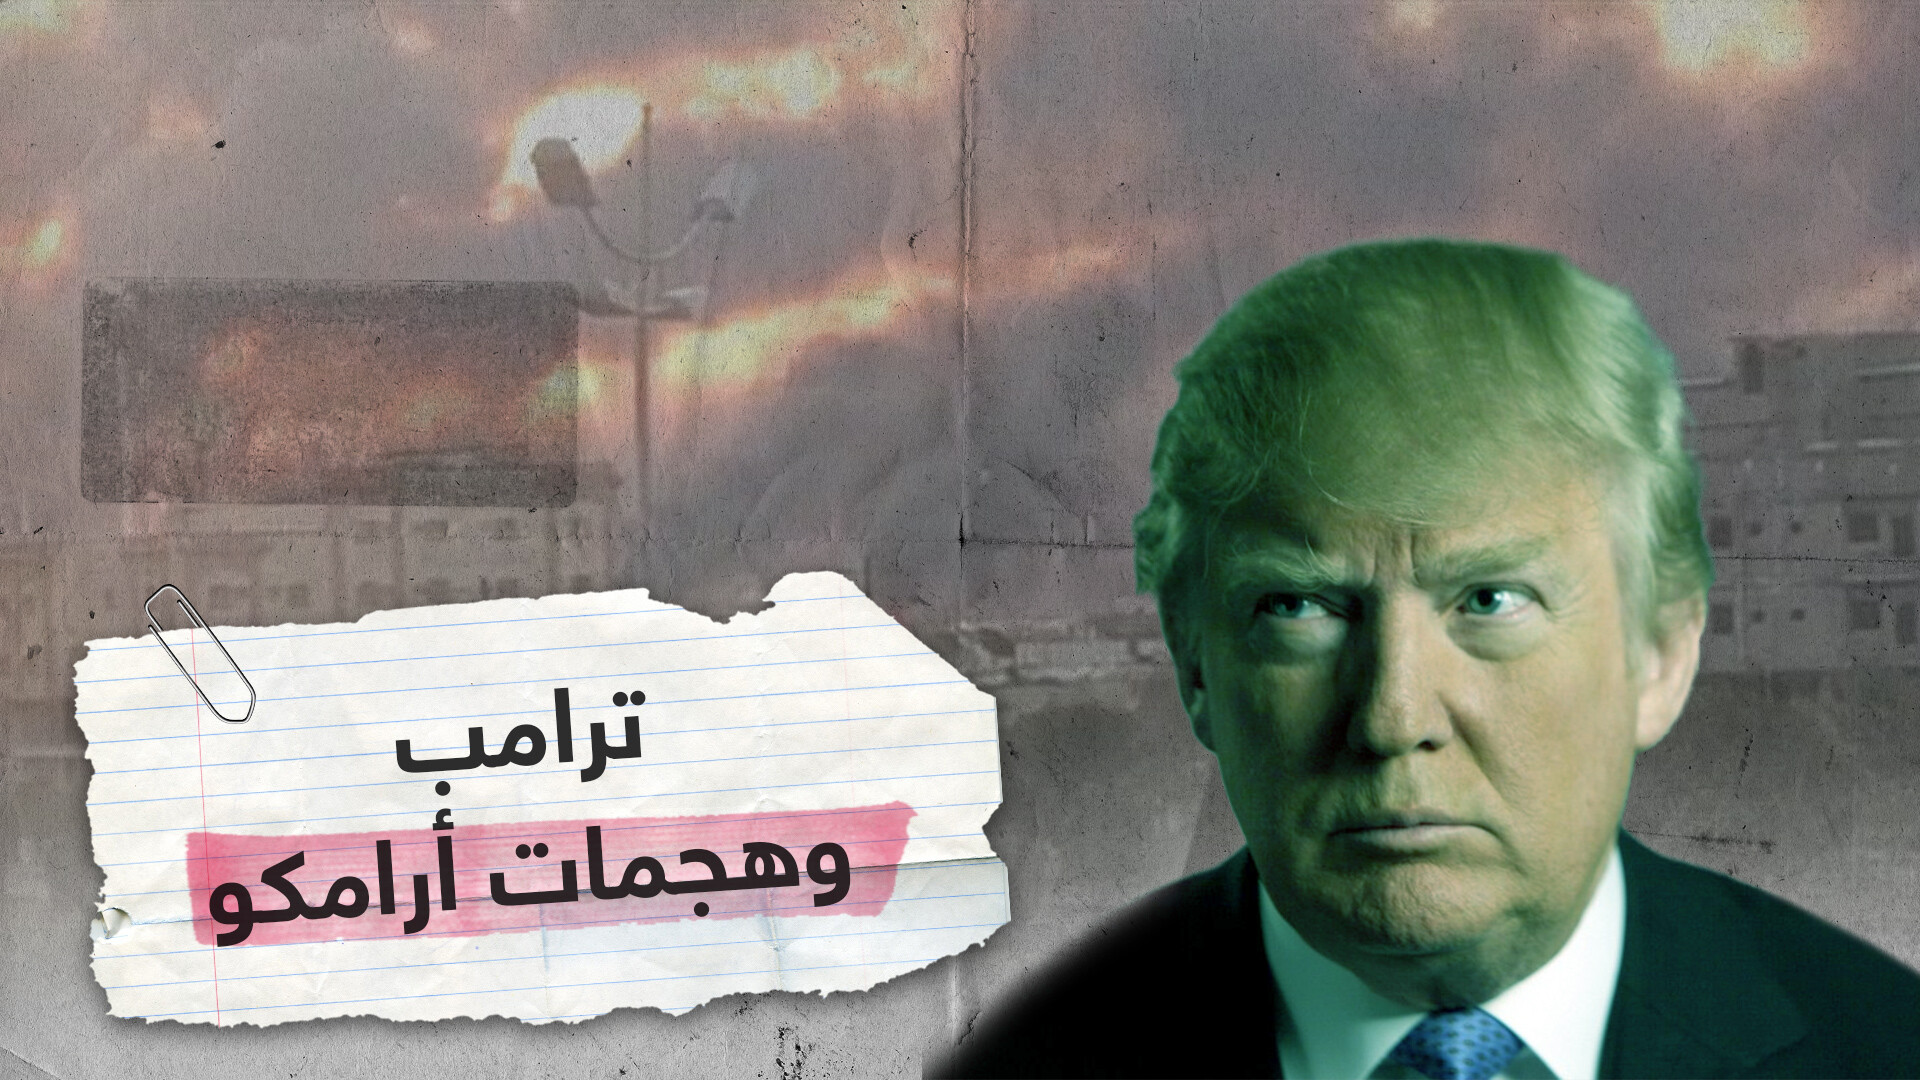 ترامب: لا أريد حربا مع إيران وعلى السعودية أن تدفع